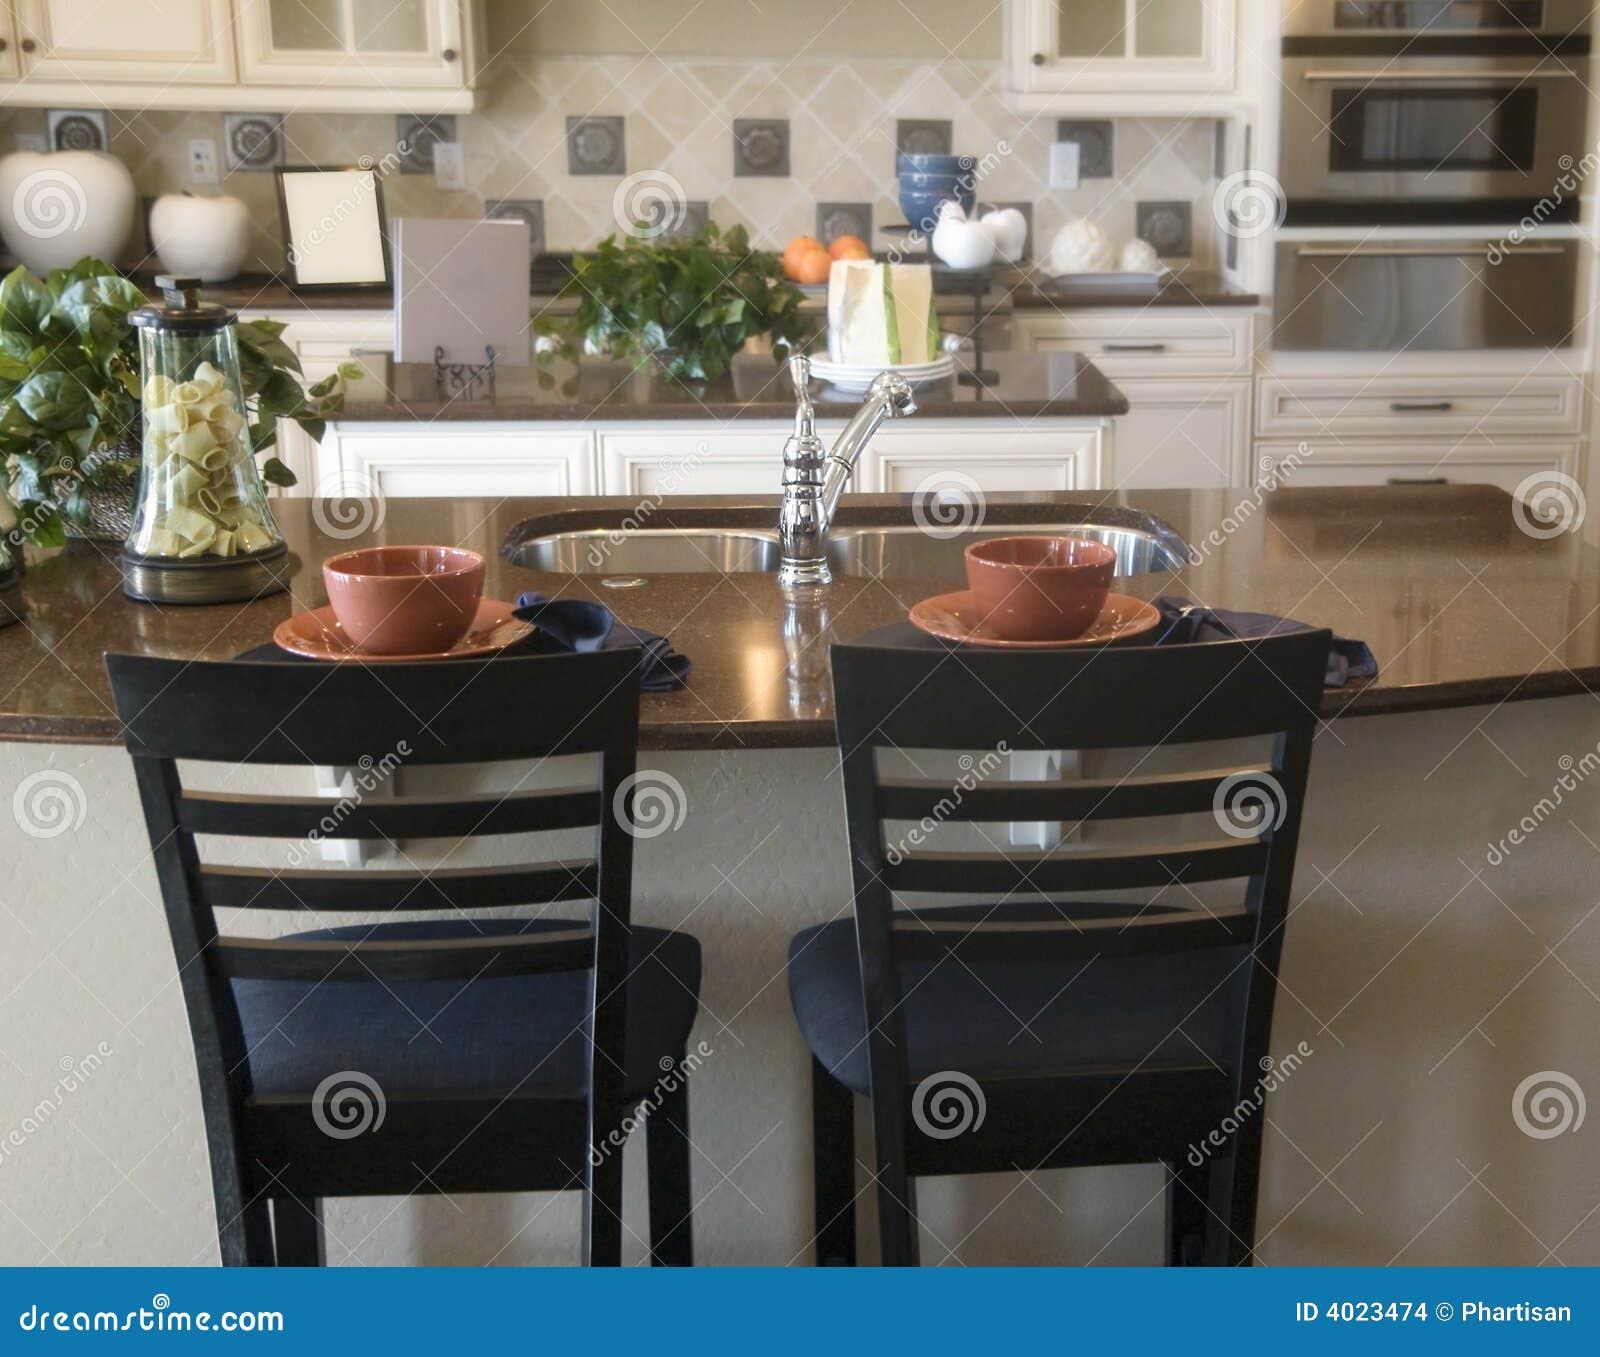 Dise o interior de la cocina moderna imagenes de archivo for Diseno interior cocina